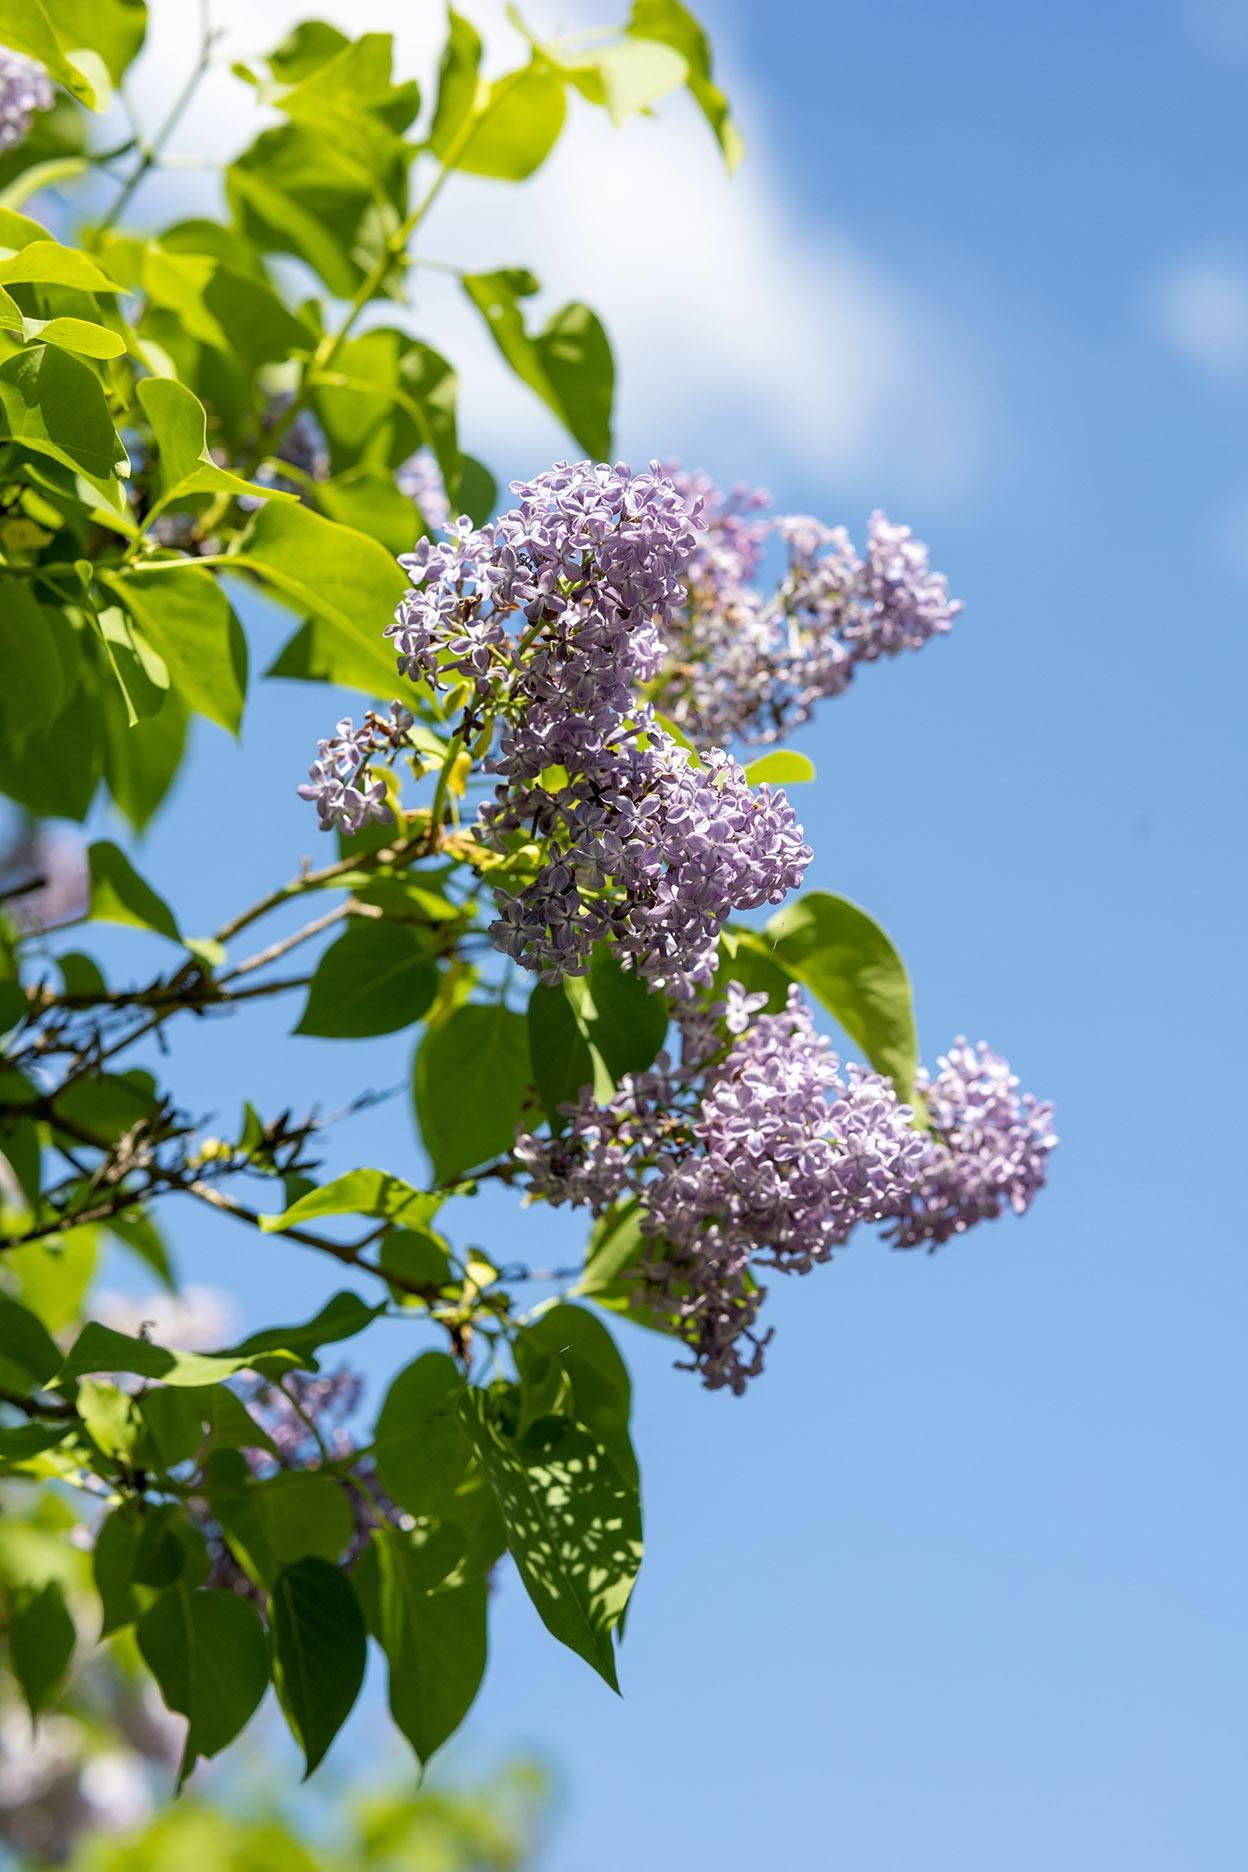 Del av en lila syrenbuske mot en blå himmel